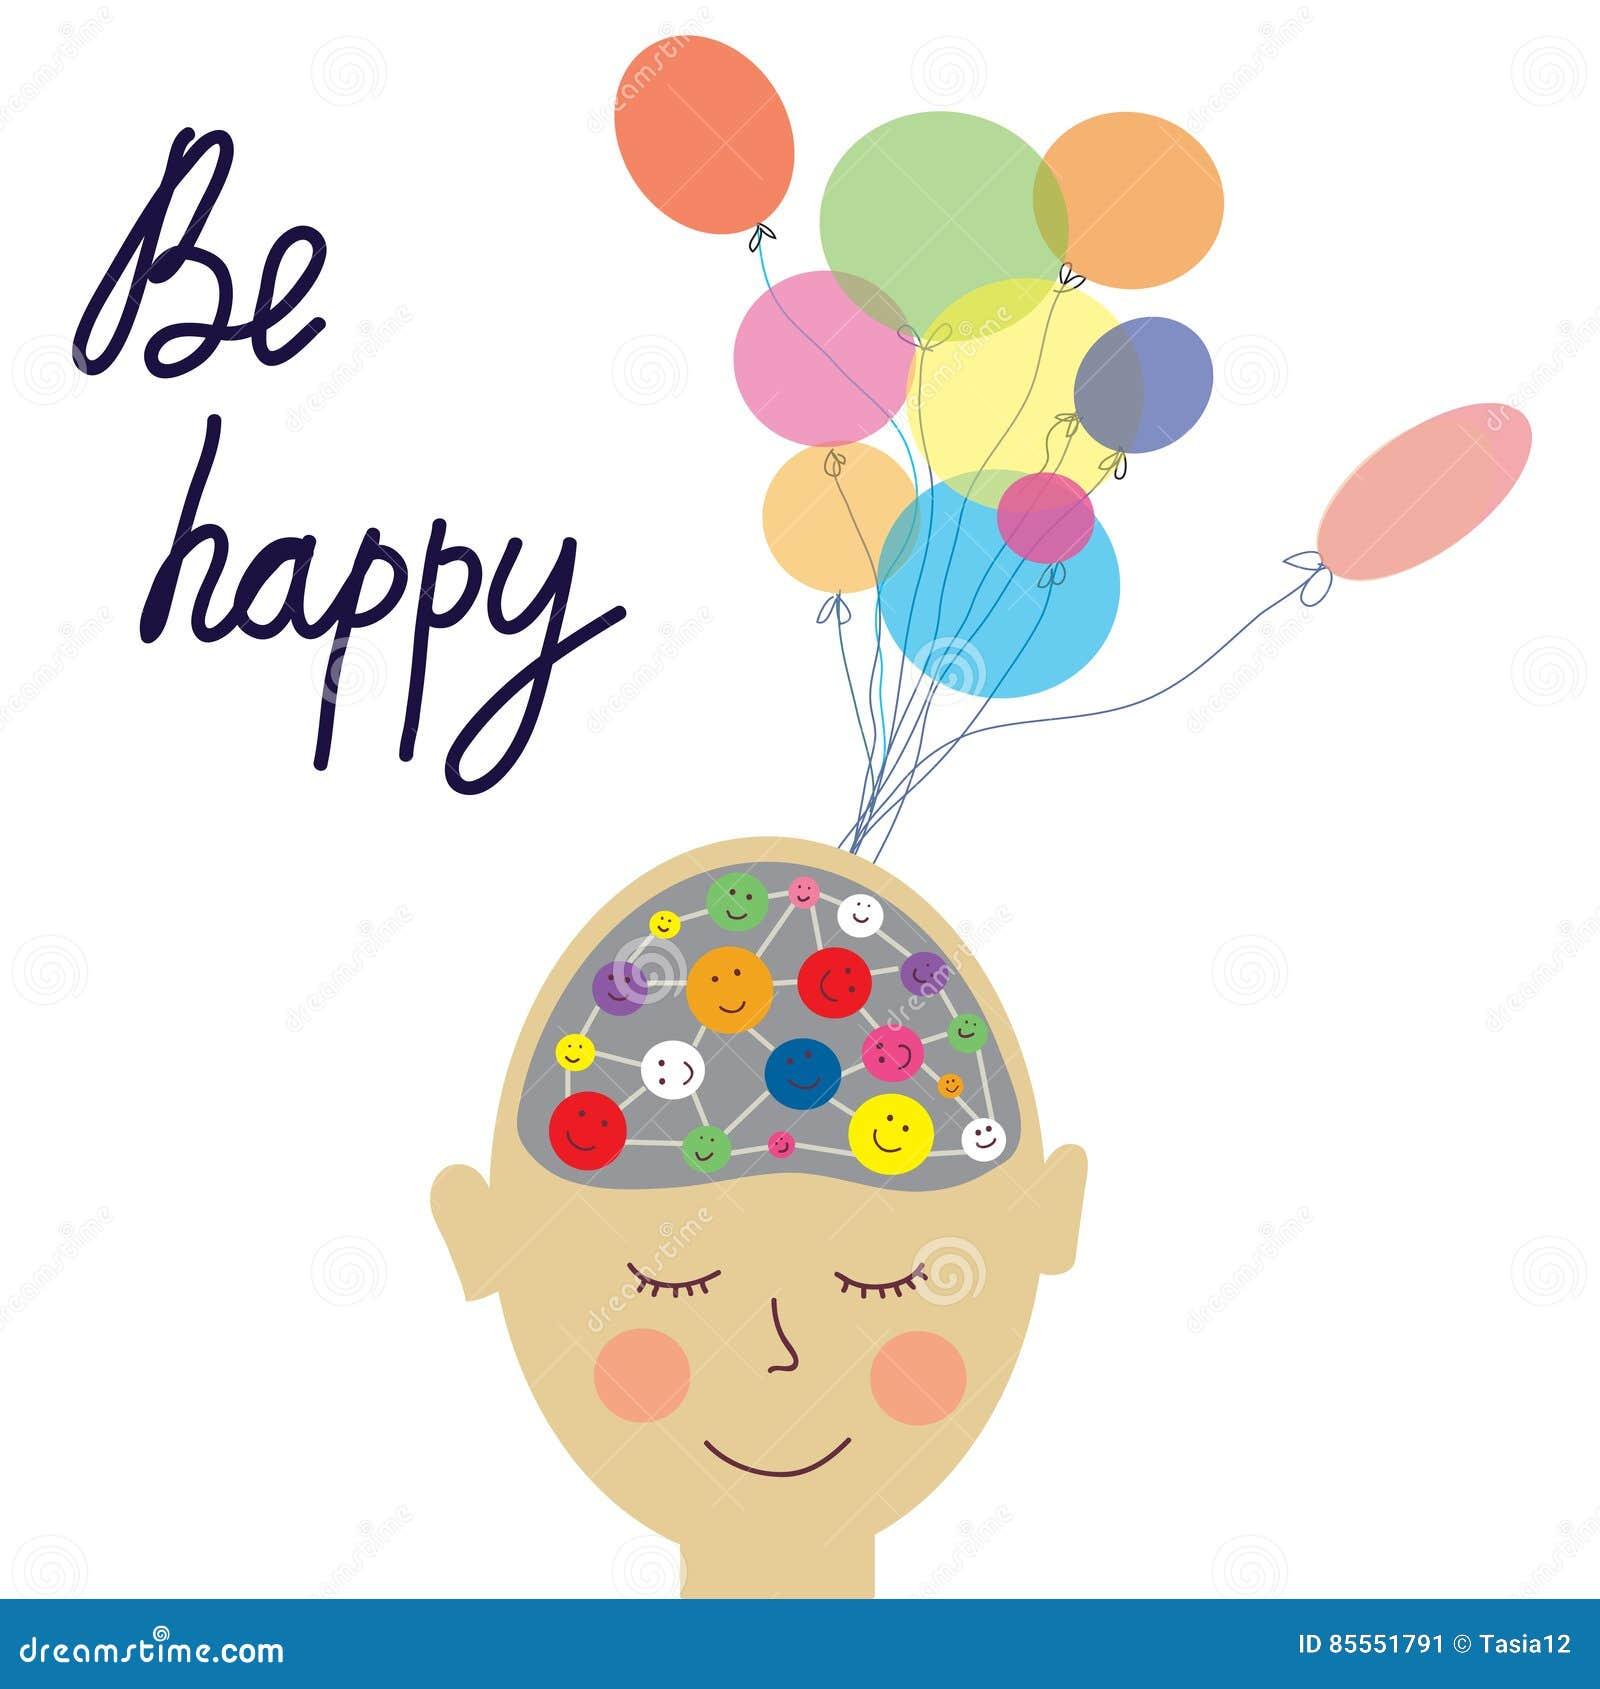 Konzeptkarte des glücklichen Menschen mit Gehirn